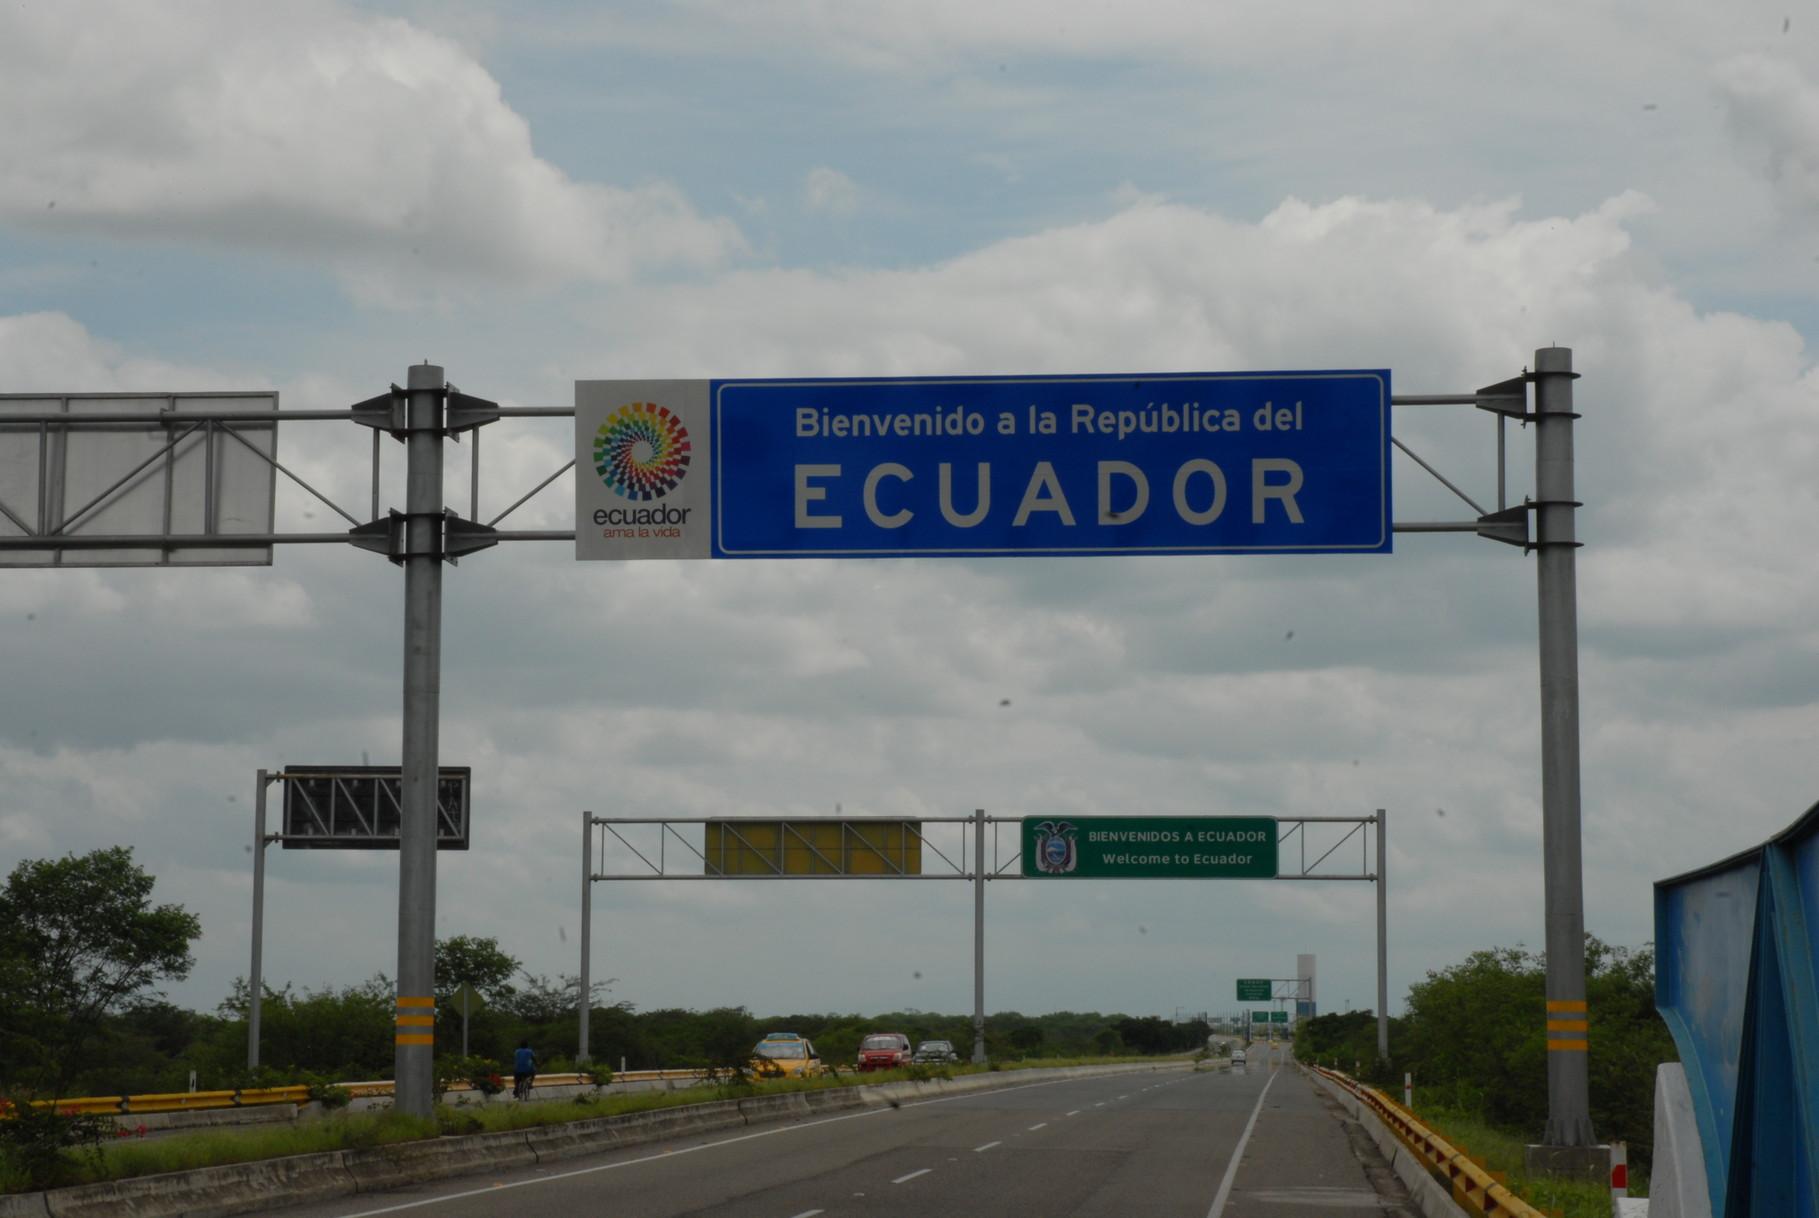 Ecuador ... wir kommen